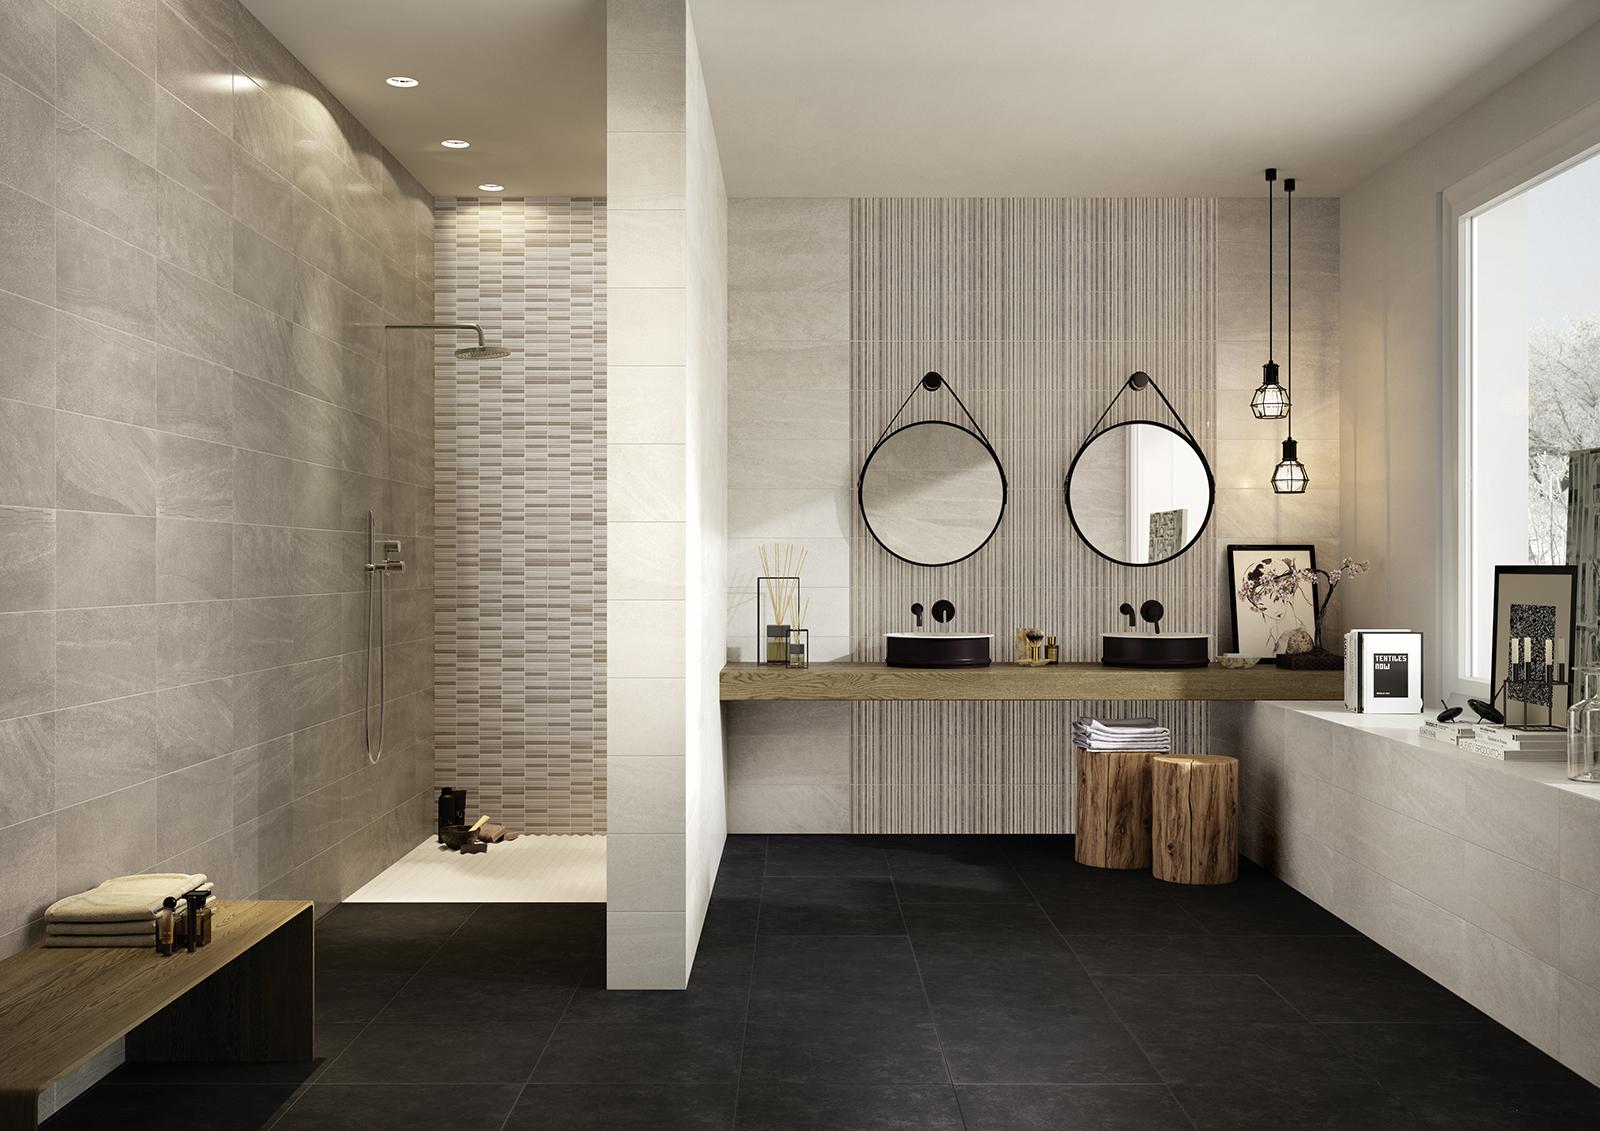 Interiors rivestimento bagno e cucina marazzi - Rivestimenti cucina marazzi ...